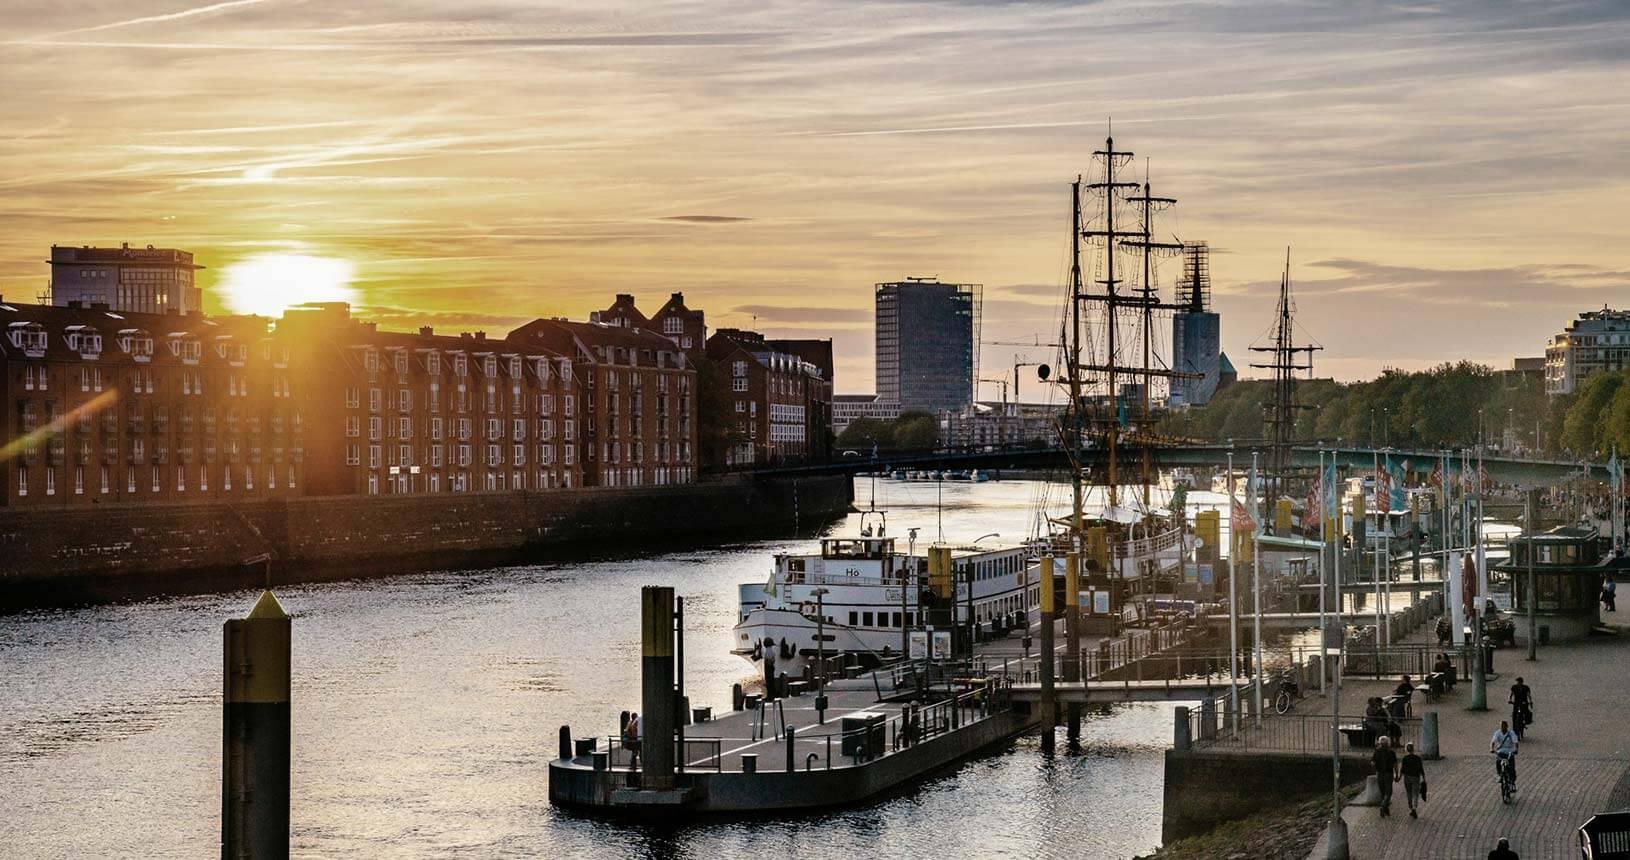 Blick über die Weser auf die Teerhofinsel mit historischem Segler